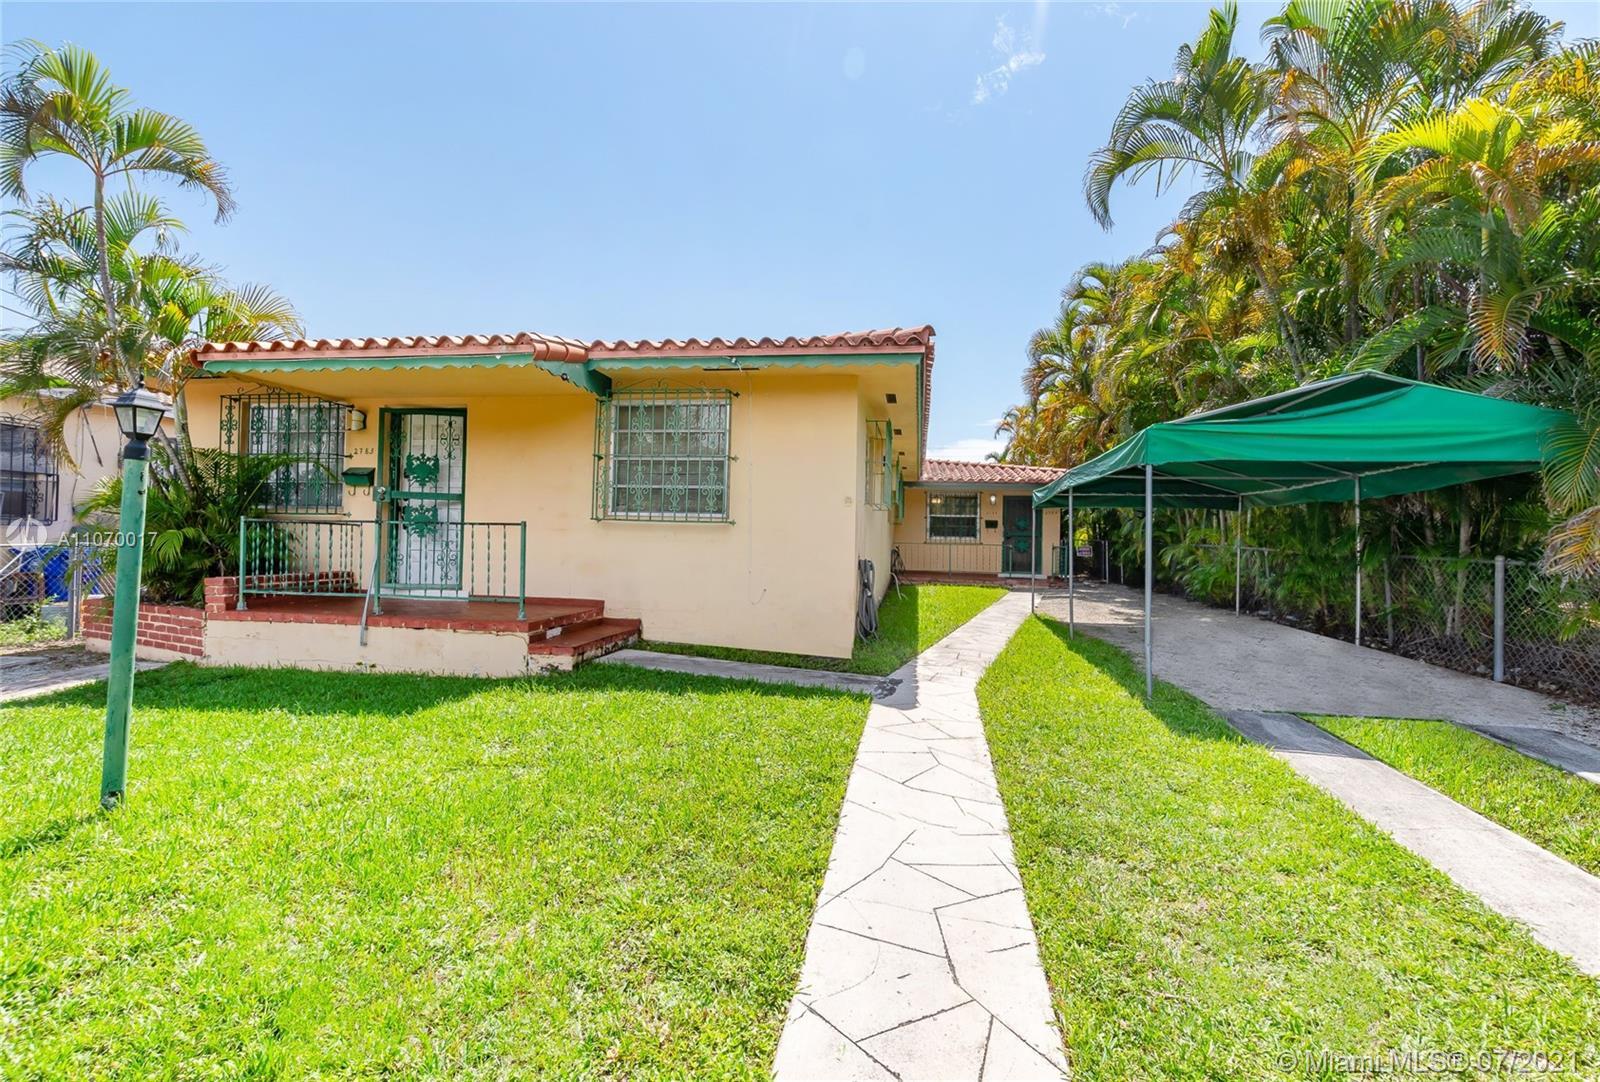 2783 33rd Ave, Miami, Florida 33133